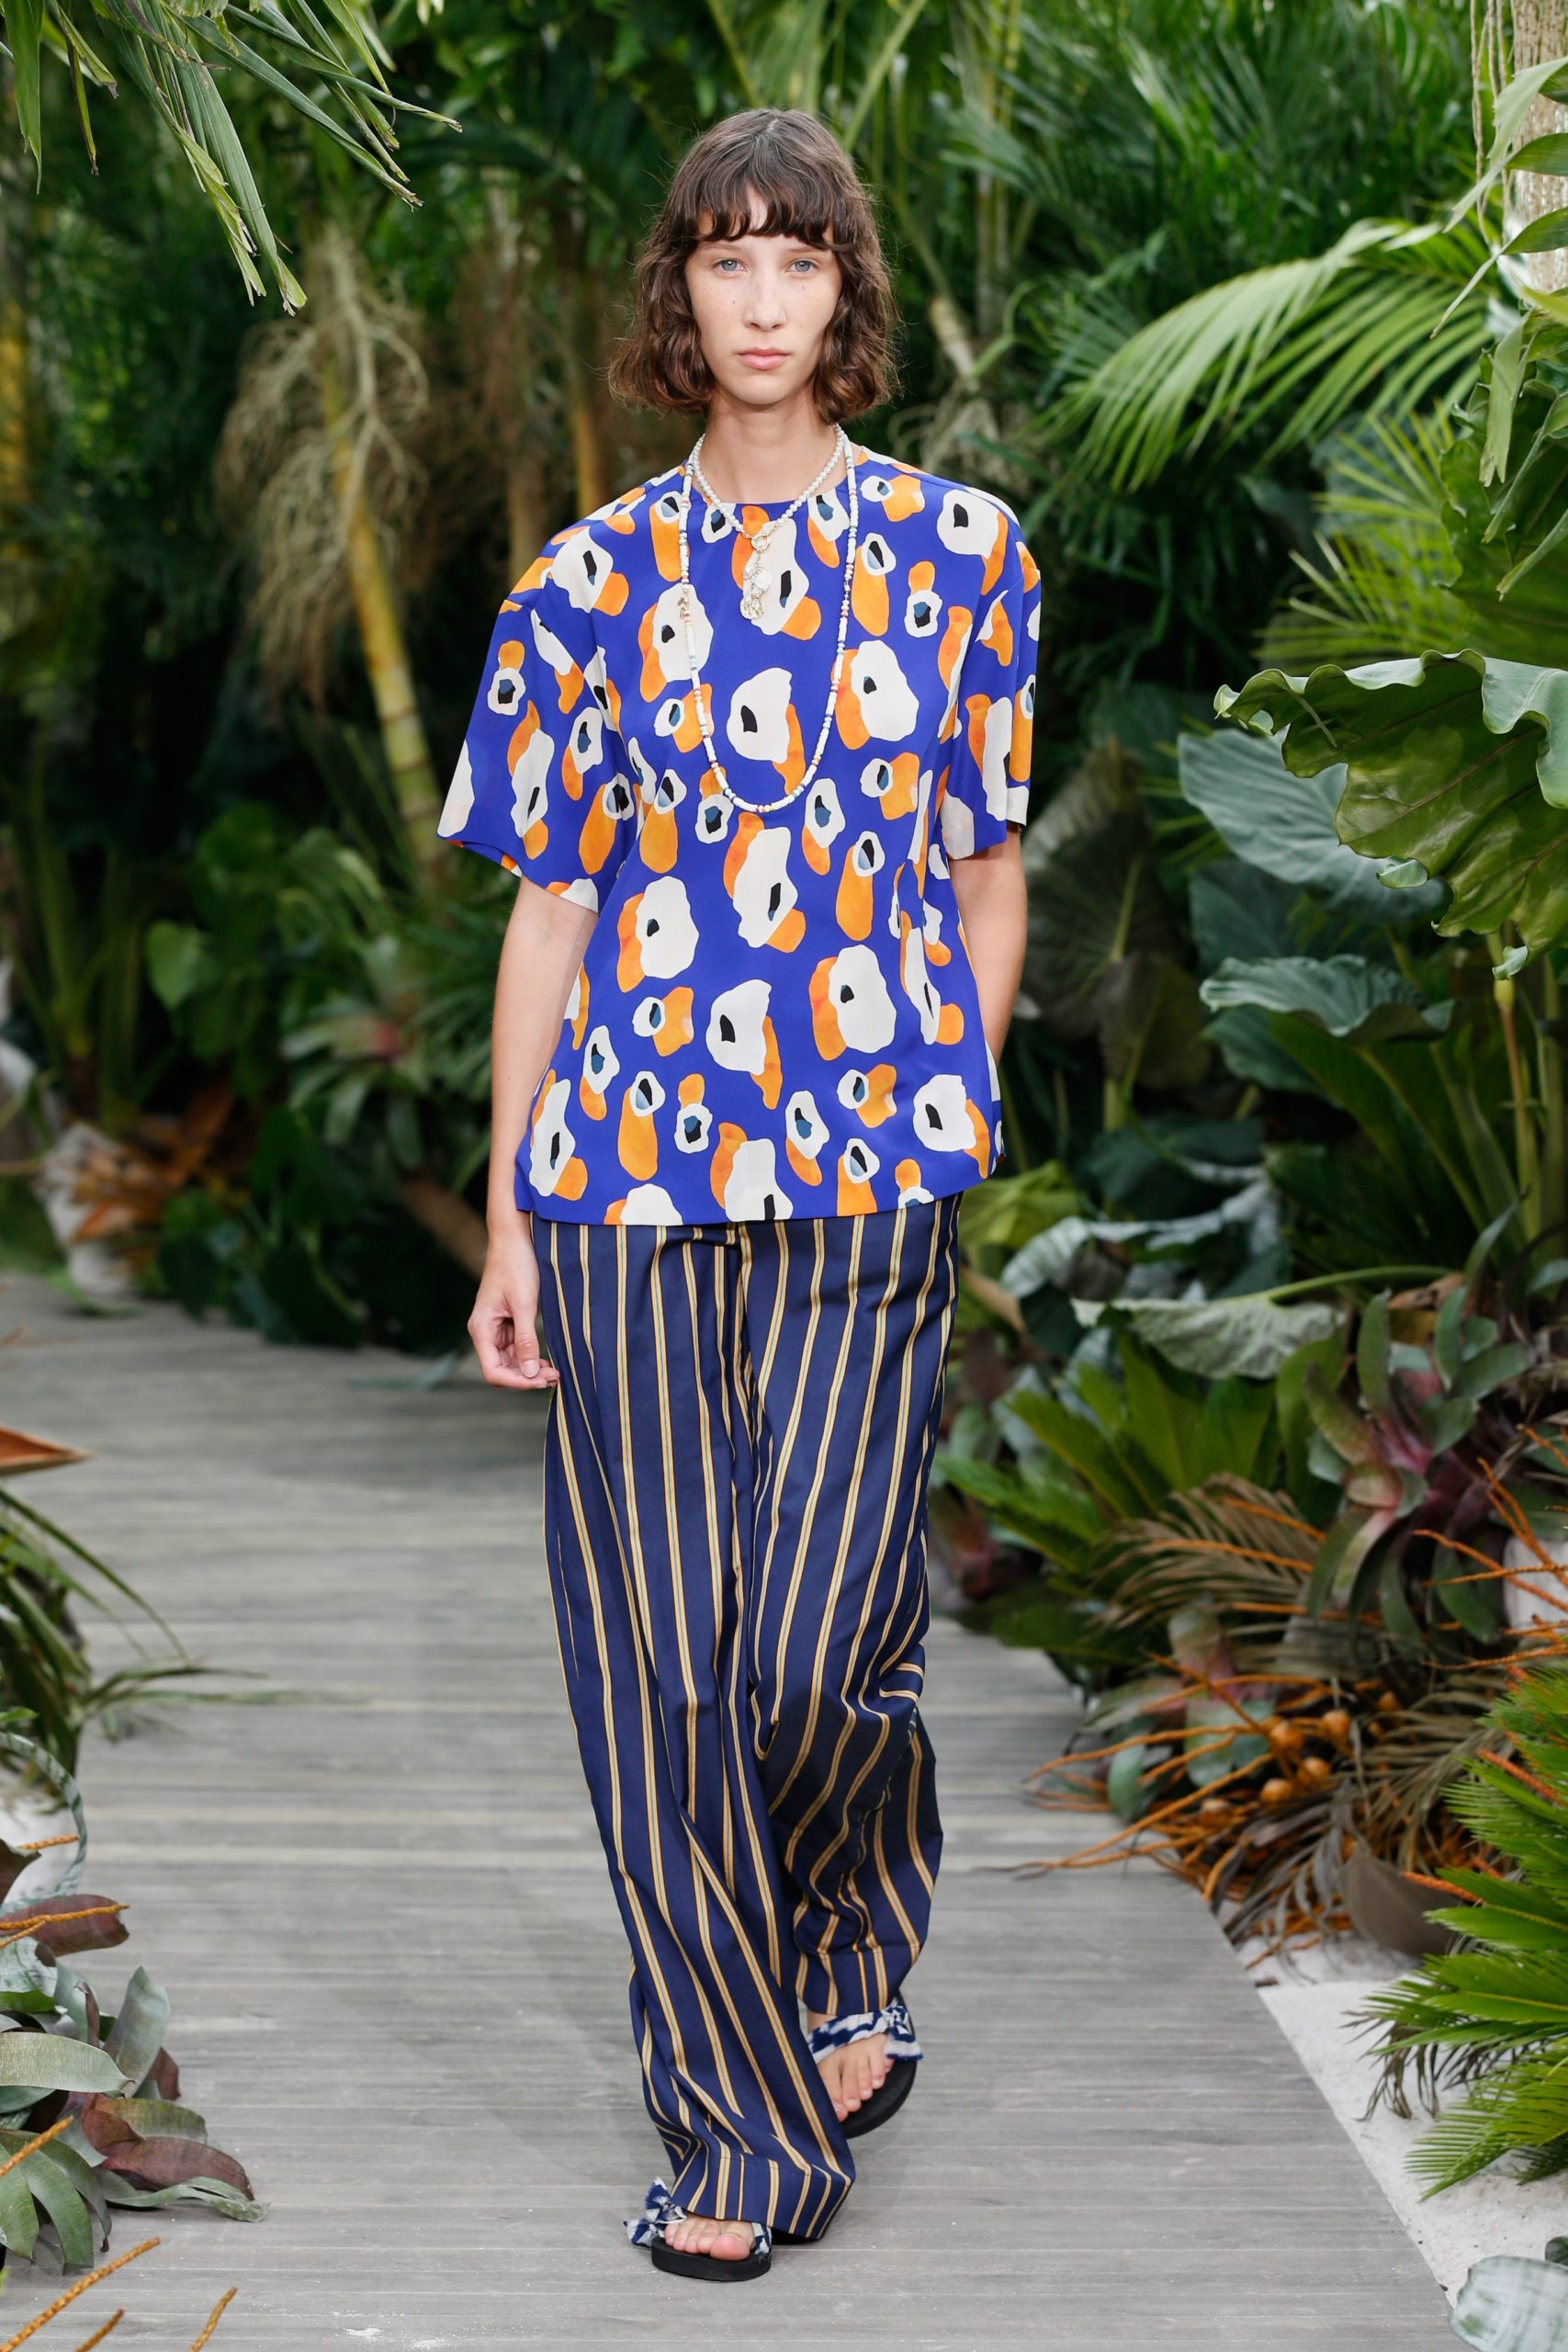 Оранжевые костюмы и рубашки с принтами: показ Jason Wu на Неделе моды в Нью-Йорке